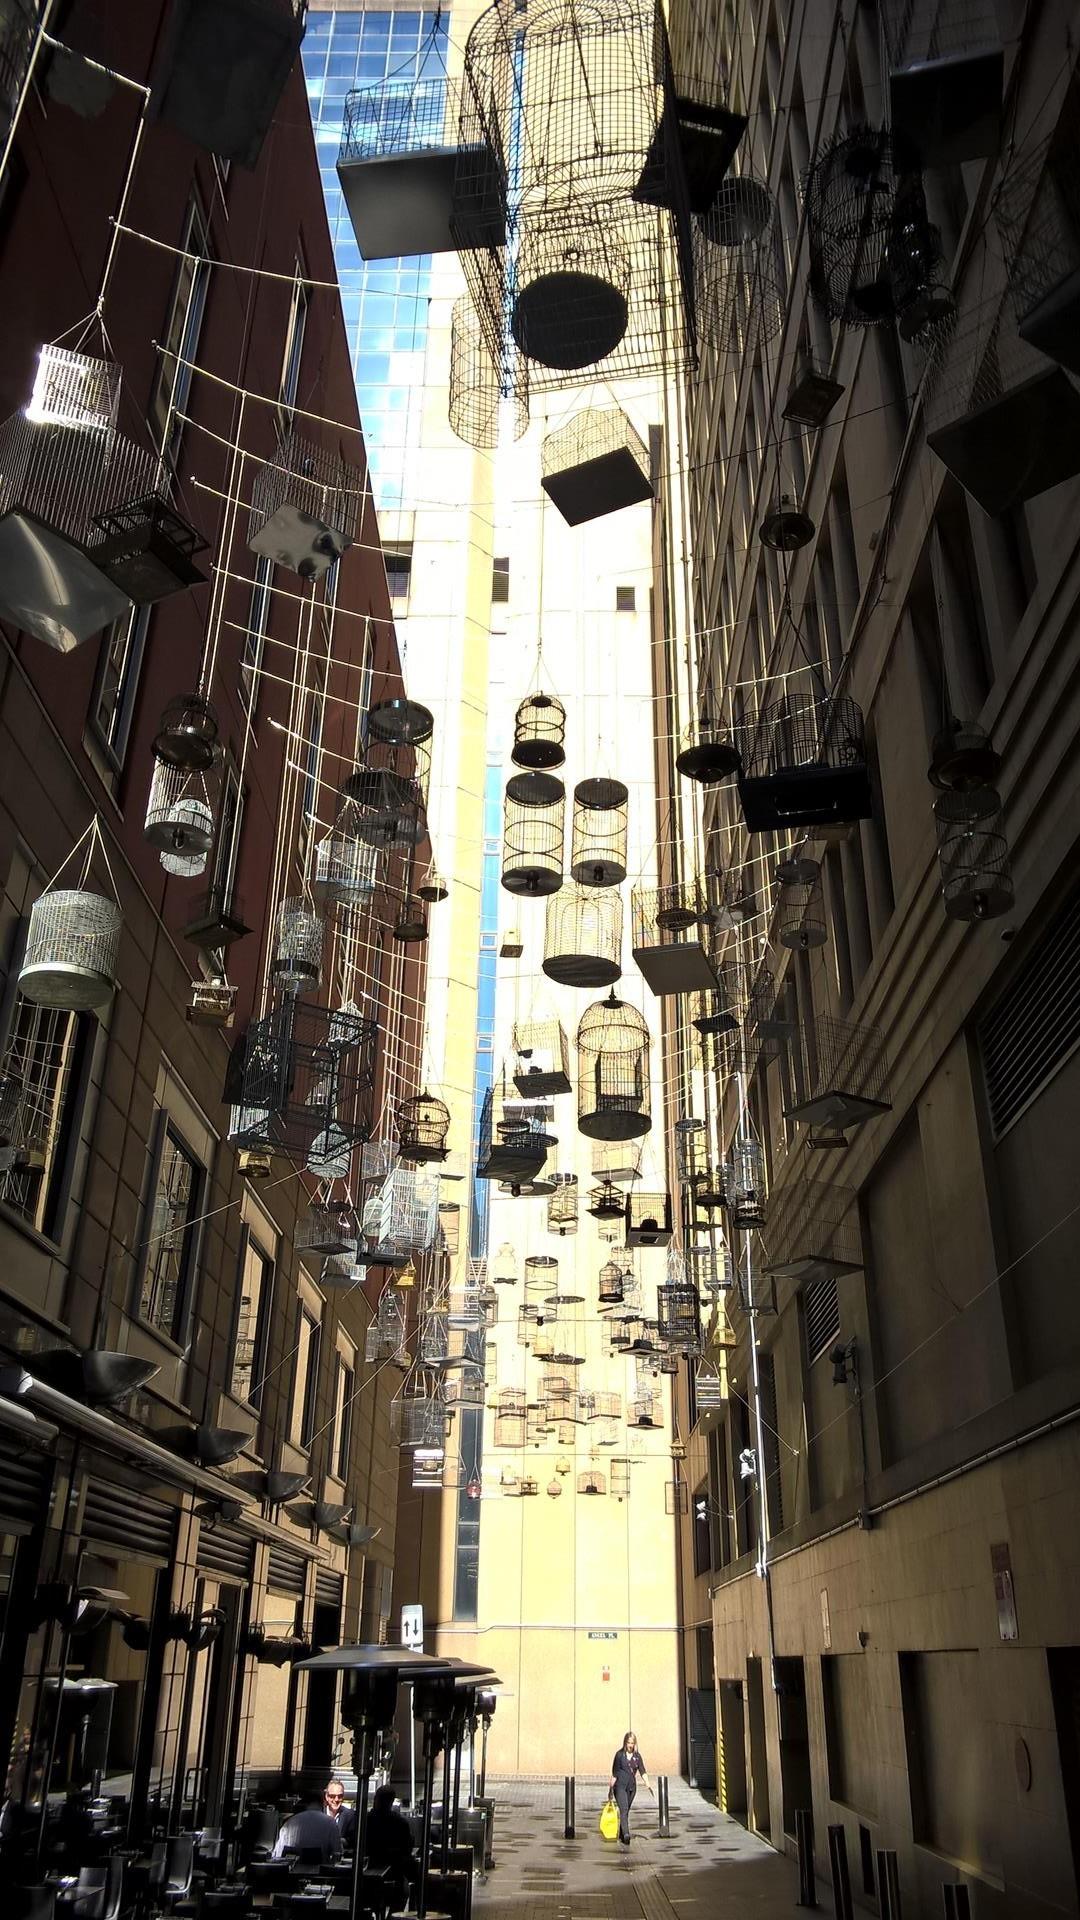 Die Kunstinstallation lässt einen die verschiedenen Vögel von Australien hören